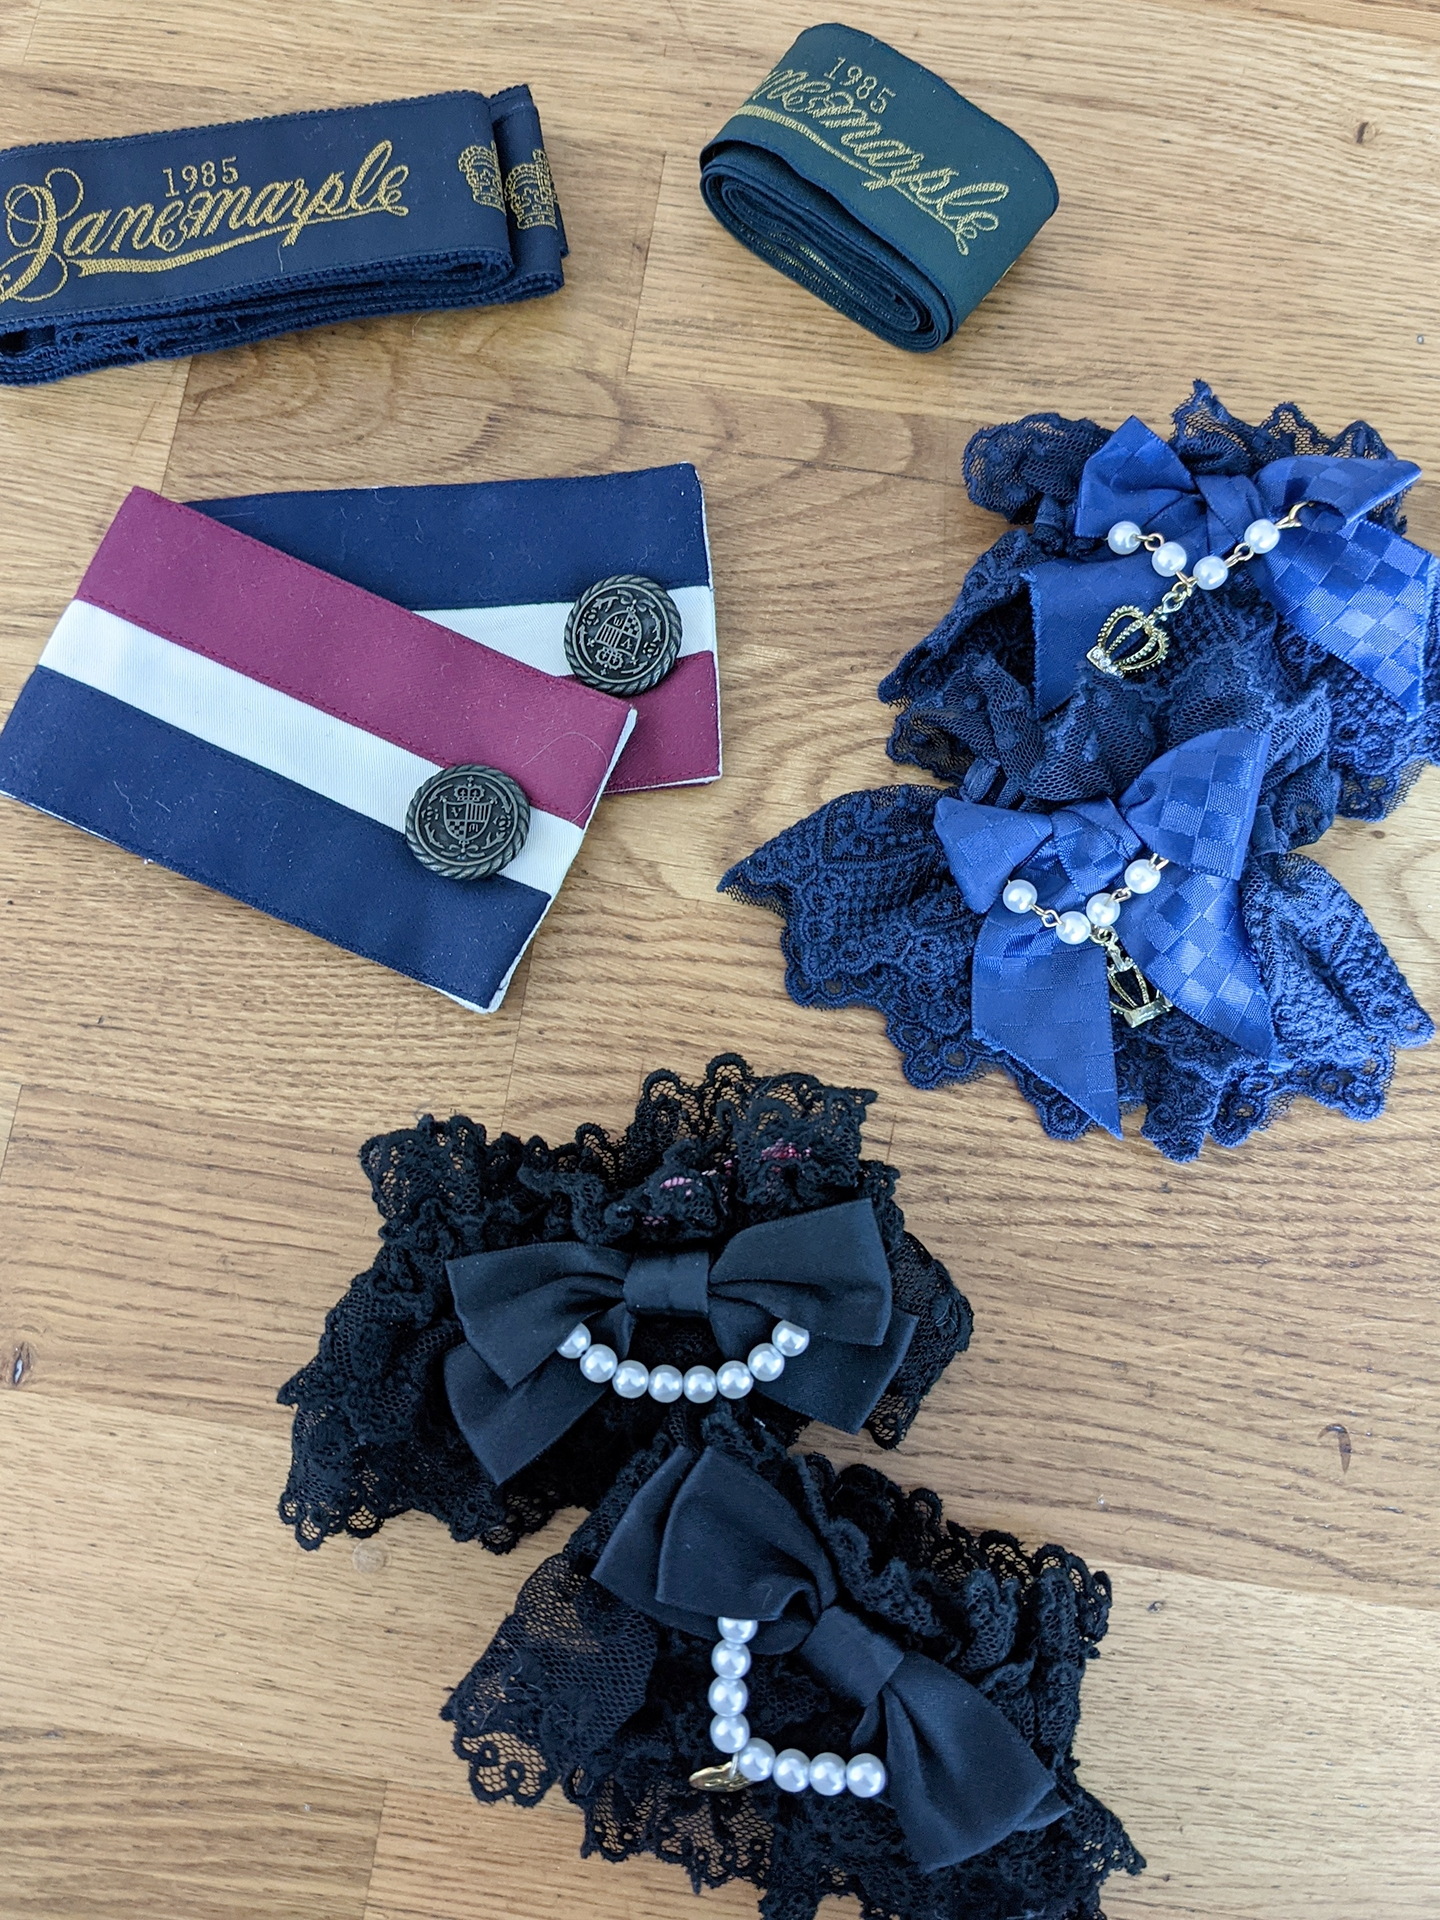 Belts by Jane Marple, sailor cuffs: Victorian Maiden, blue cuffs: Taobao, black cuffs: AP